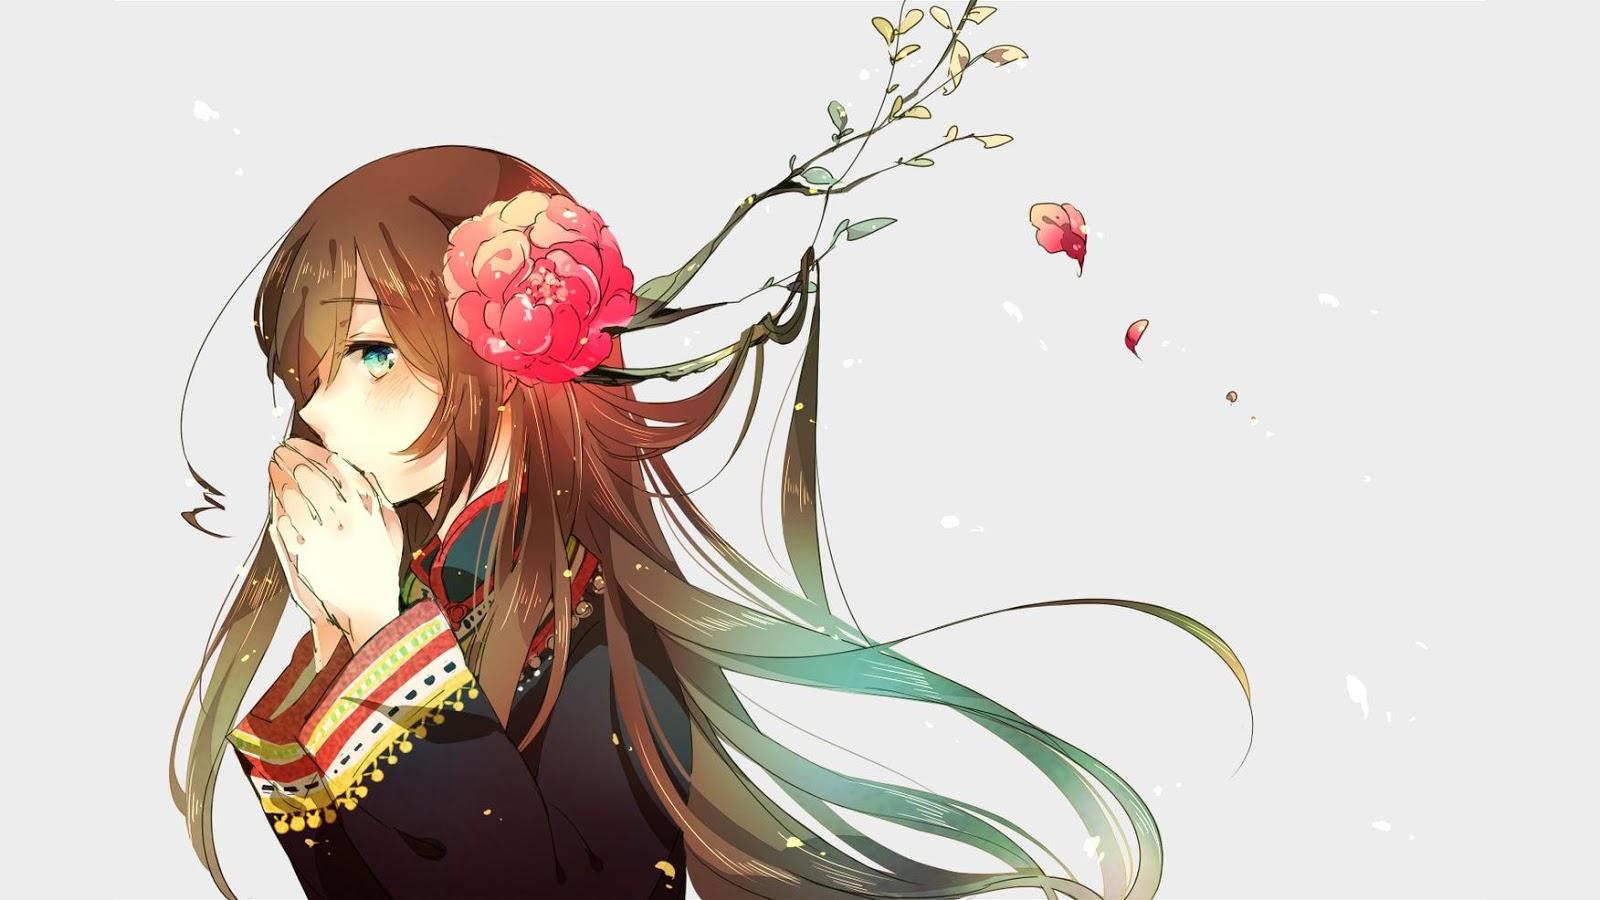 Neko Anime Girl Wallpapers